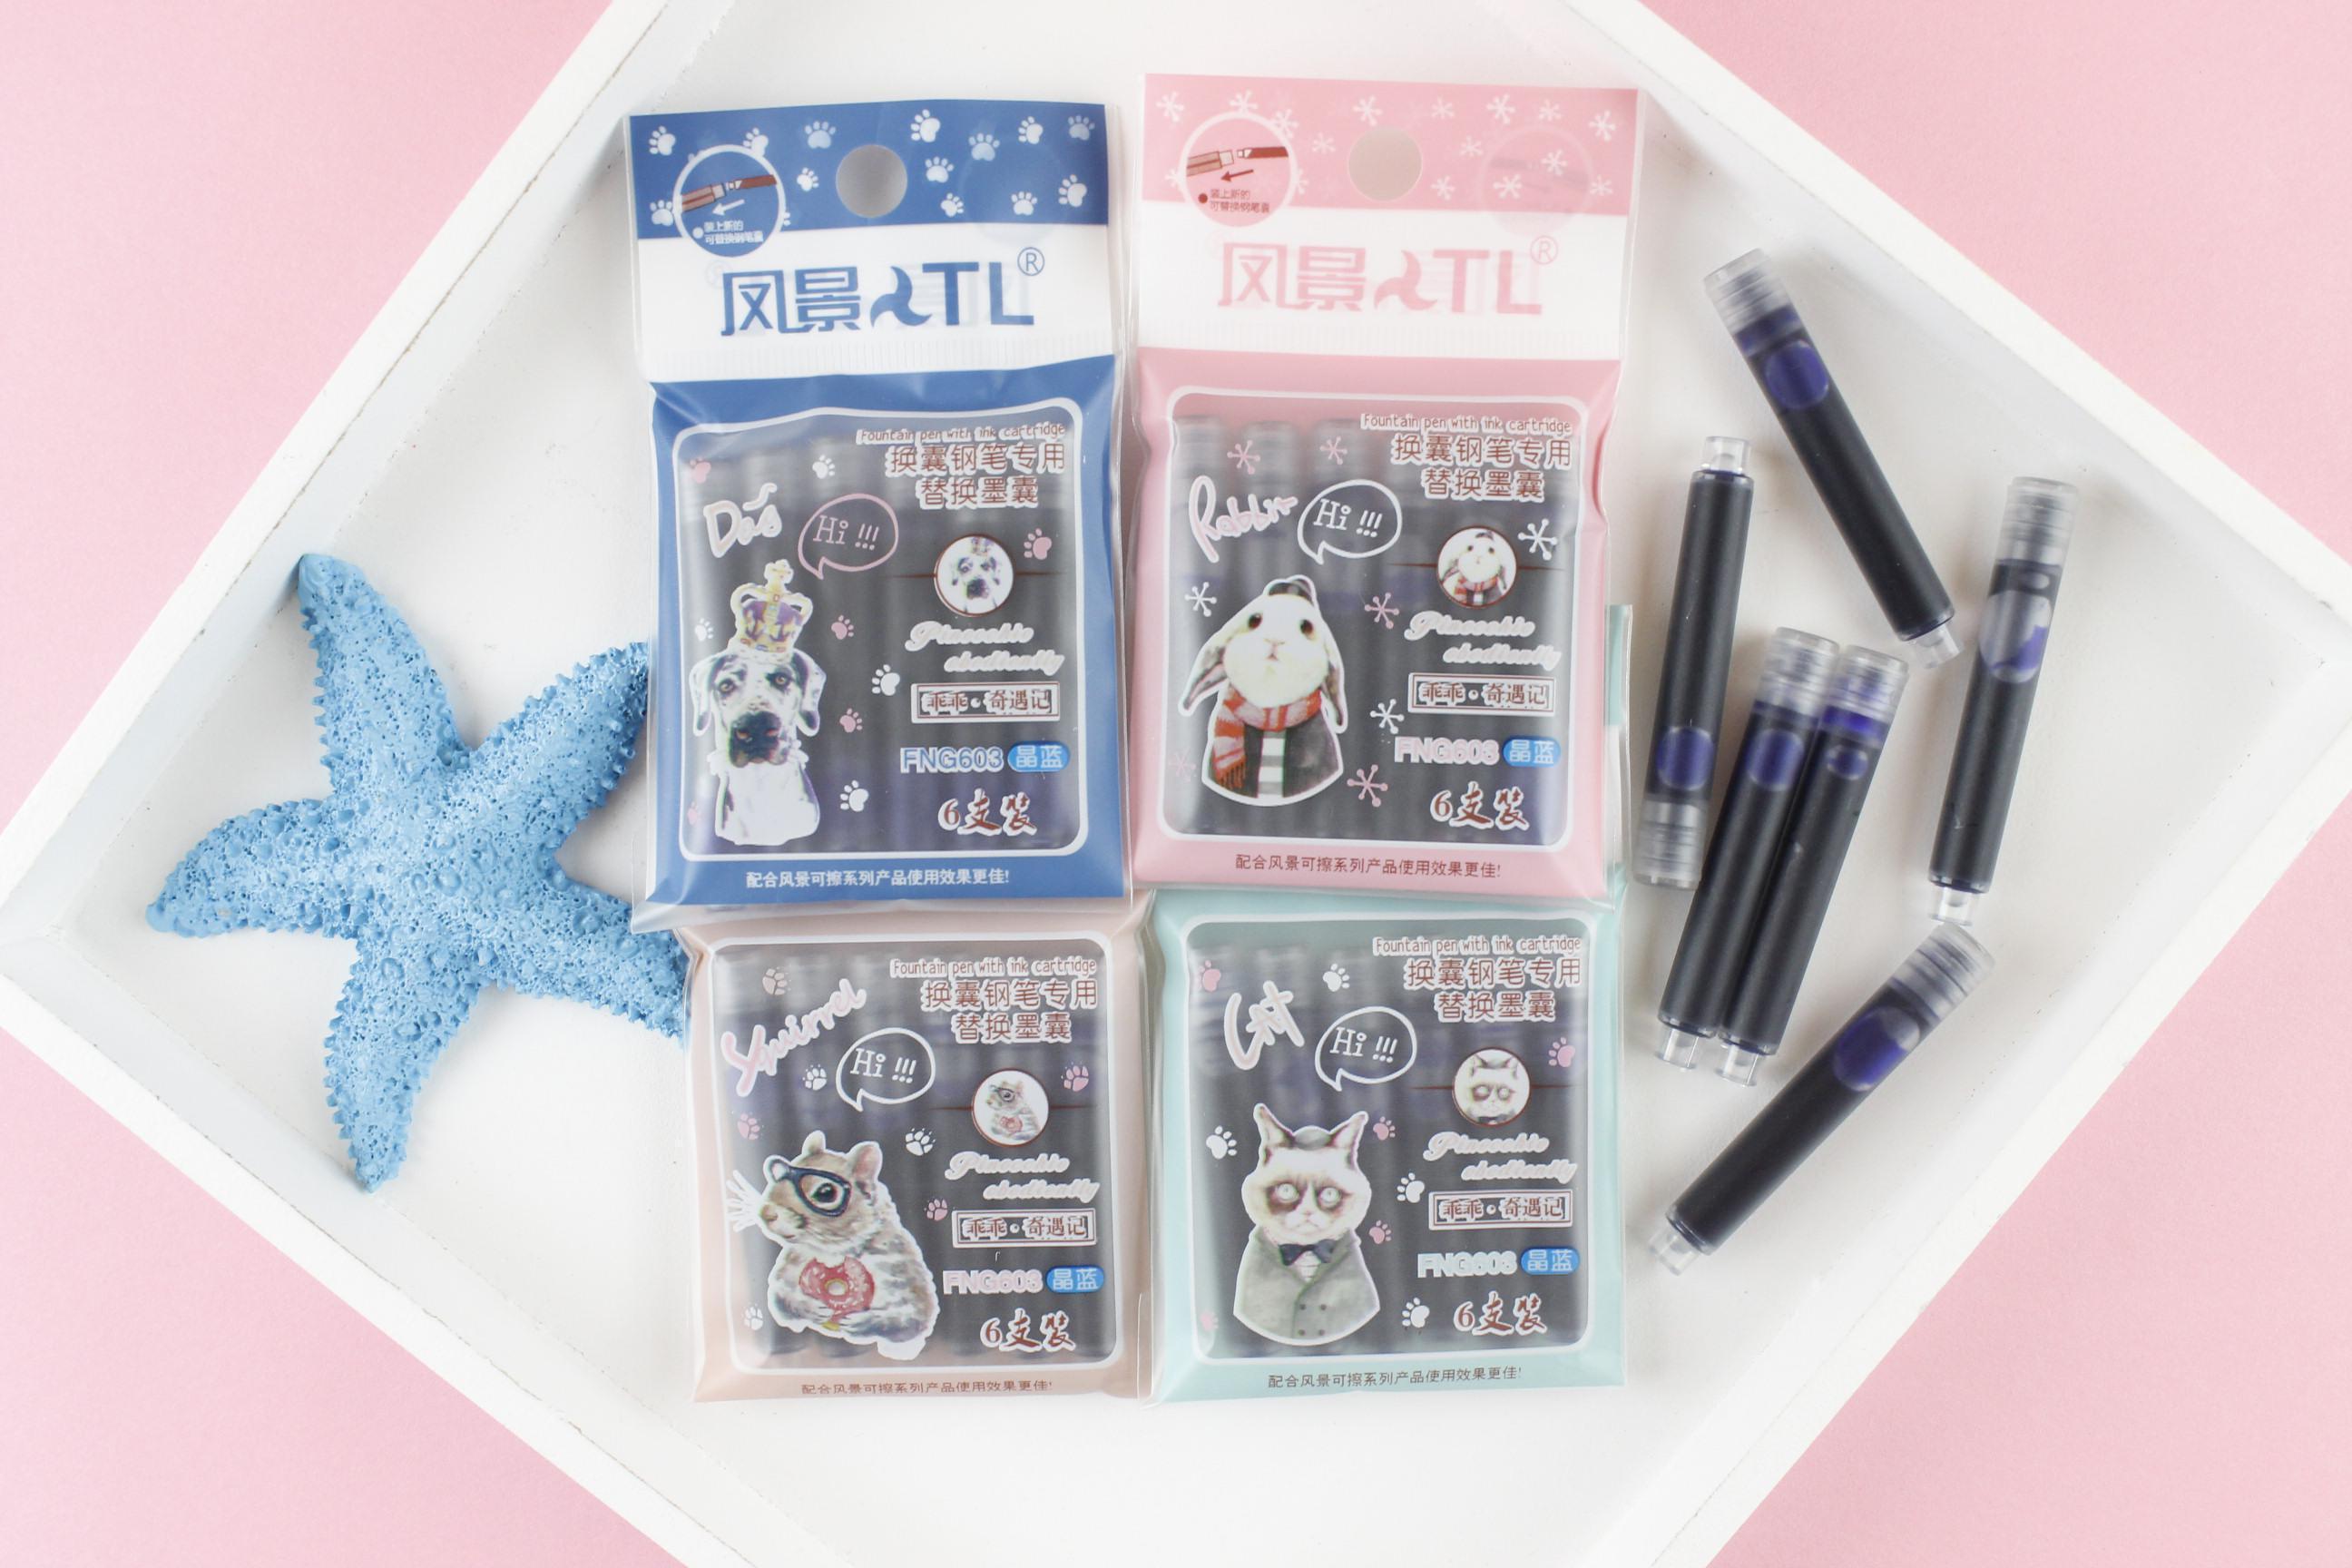 韩版钢笔文具学生芯笔芯替换囊可替换魔时尚替换囊可爱蓝色v钢笔